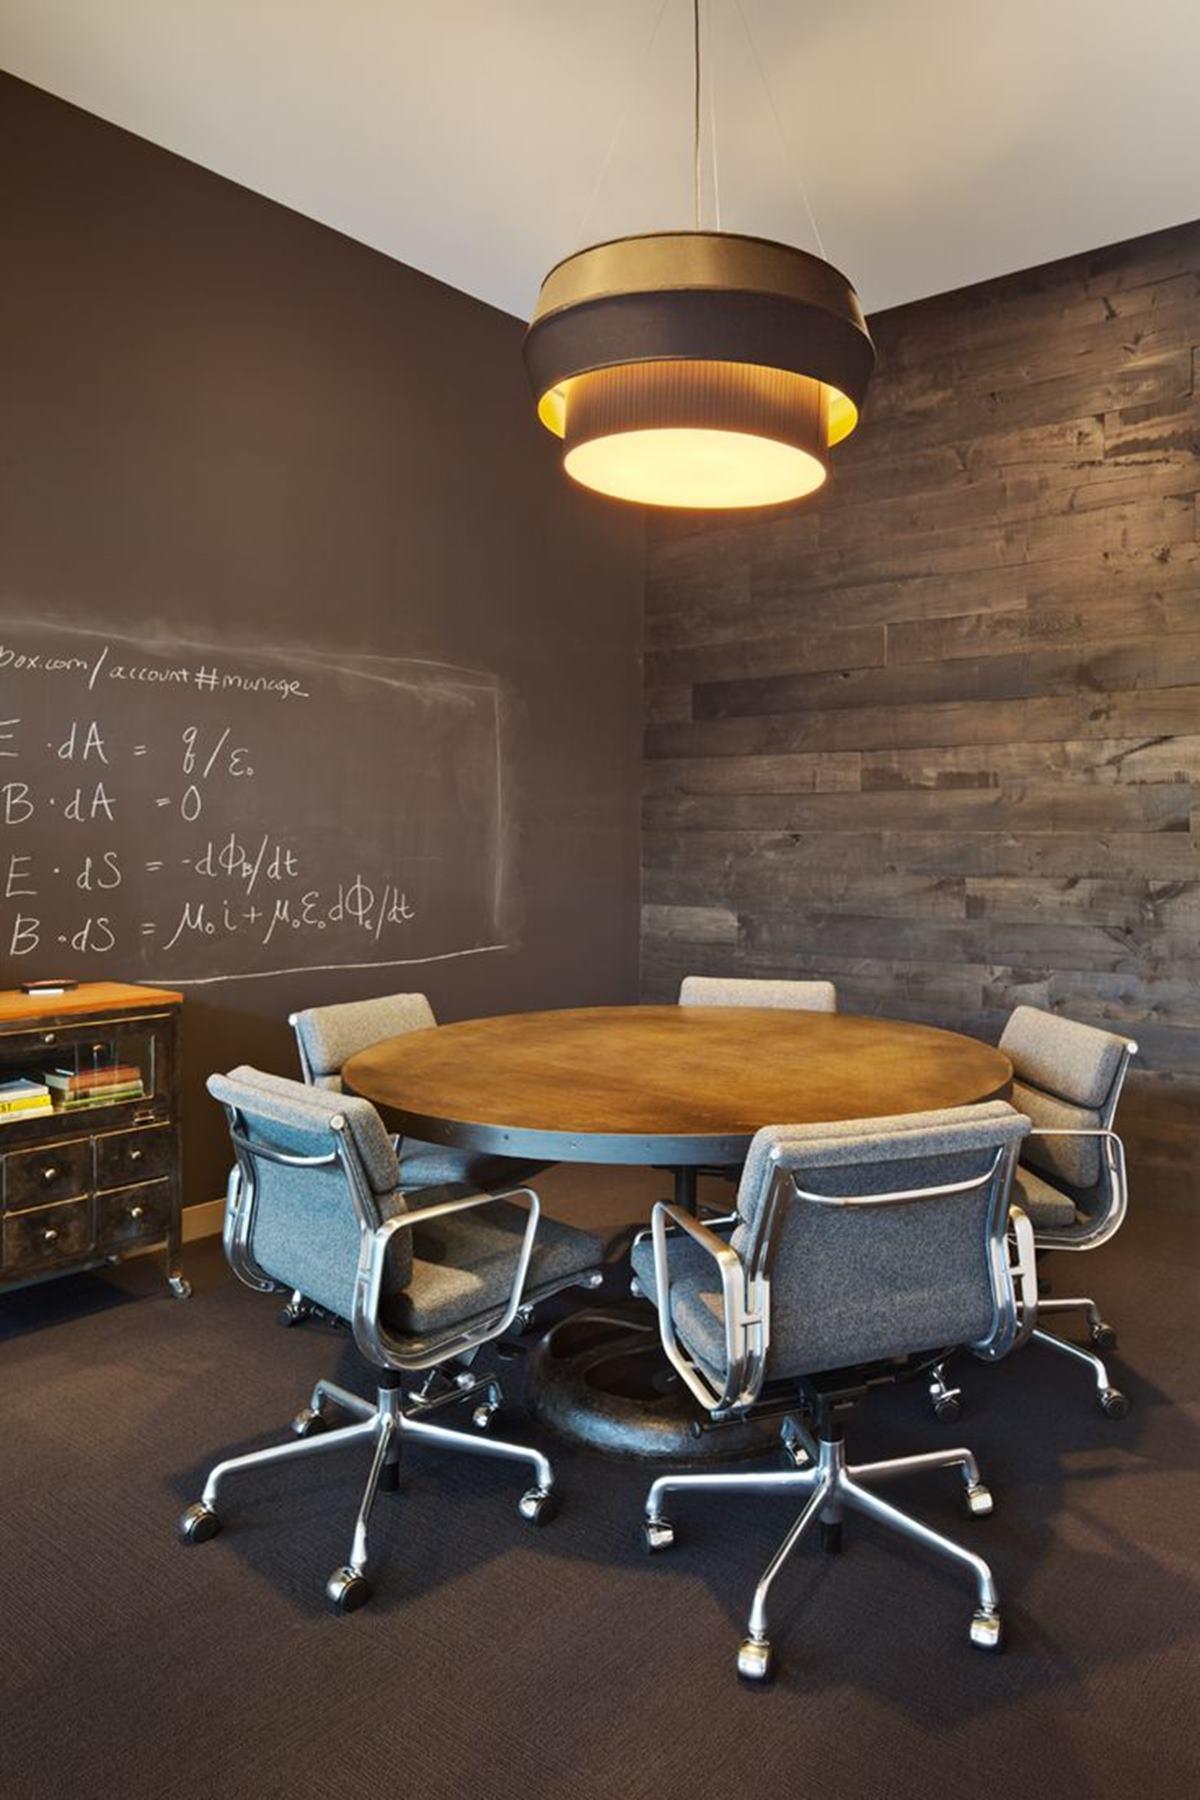 chalkboard walled room